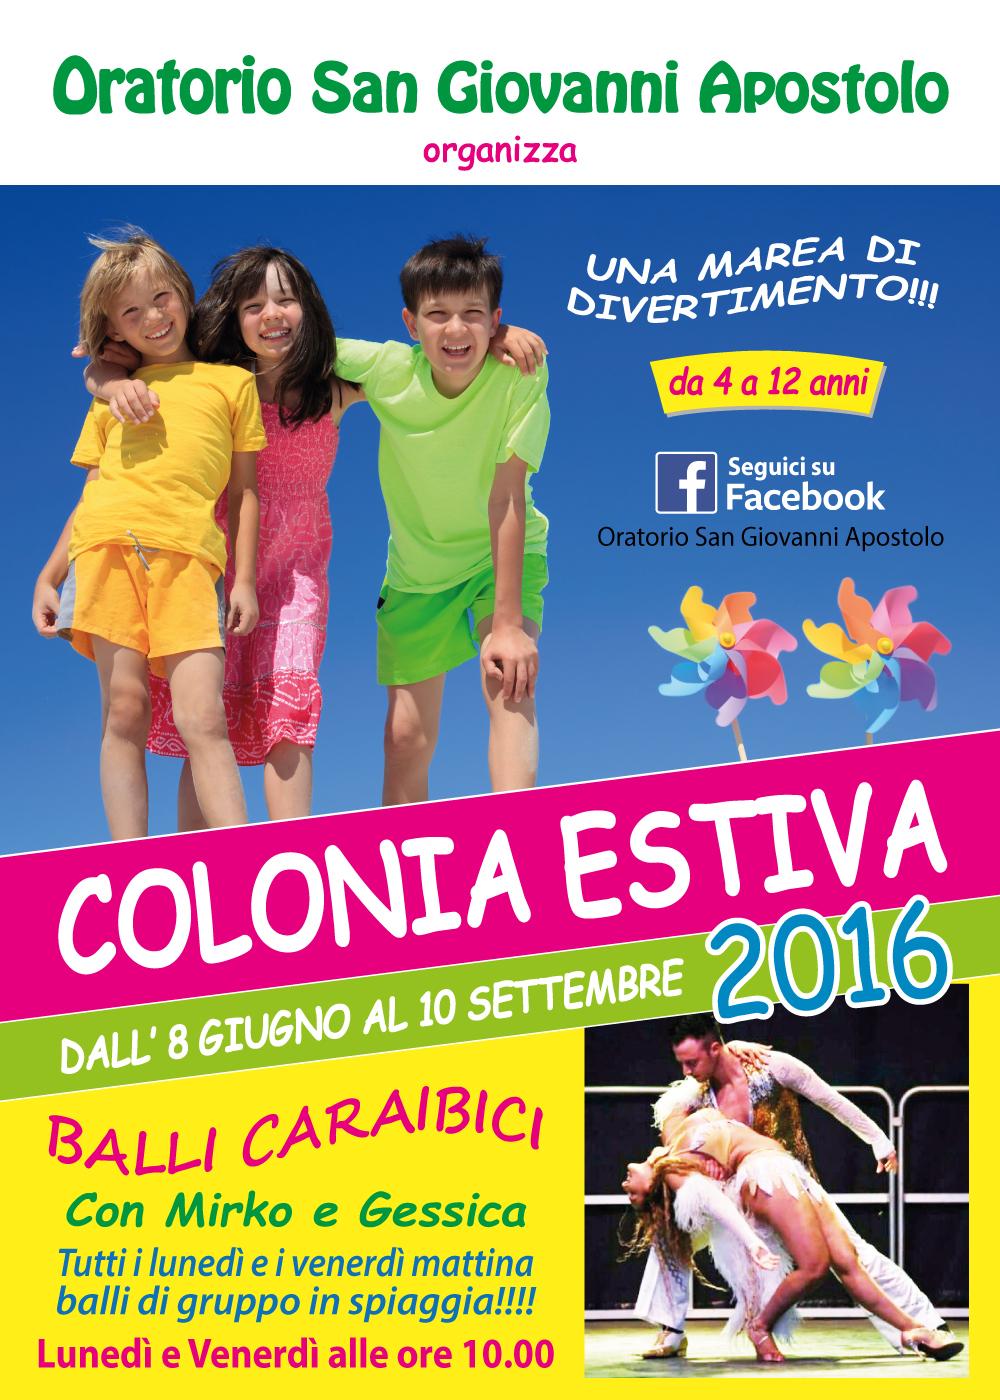 Volantino-15x21-COLONIA-2016-balli-caraibici